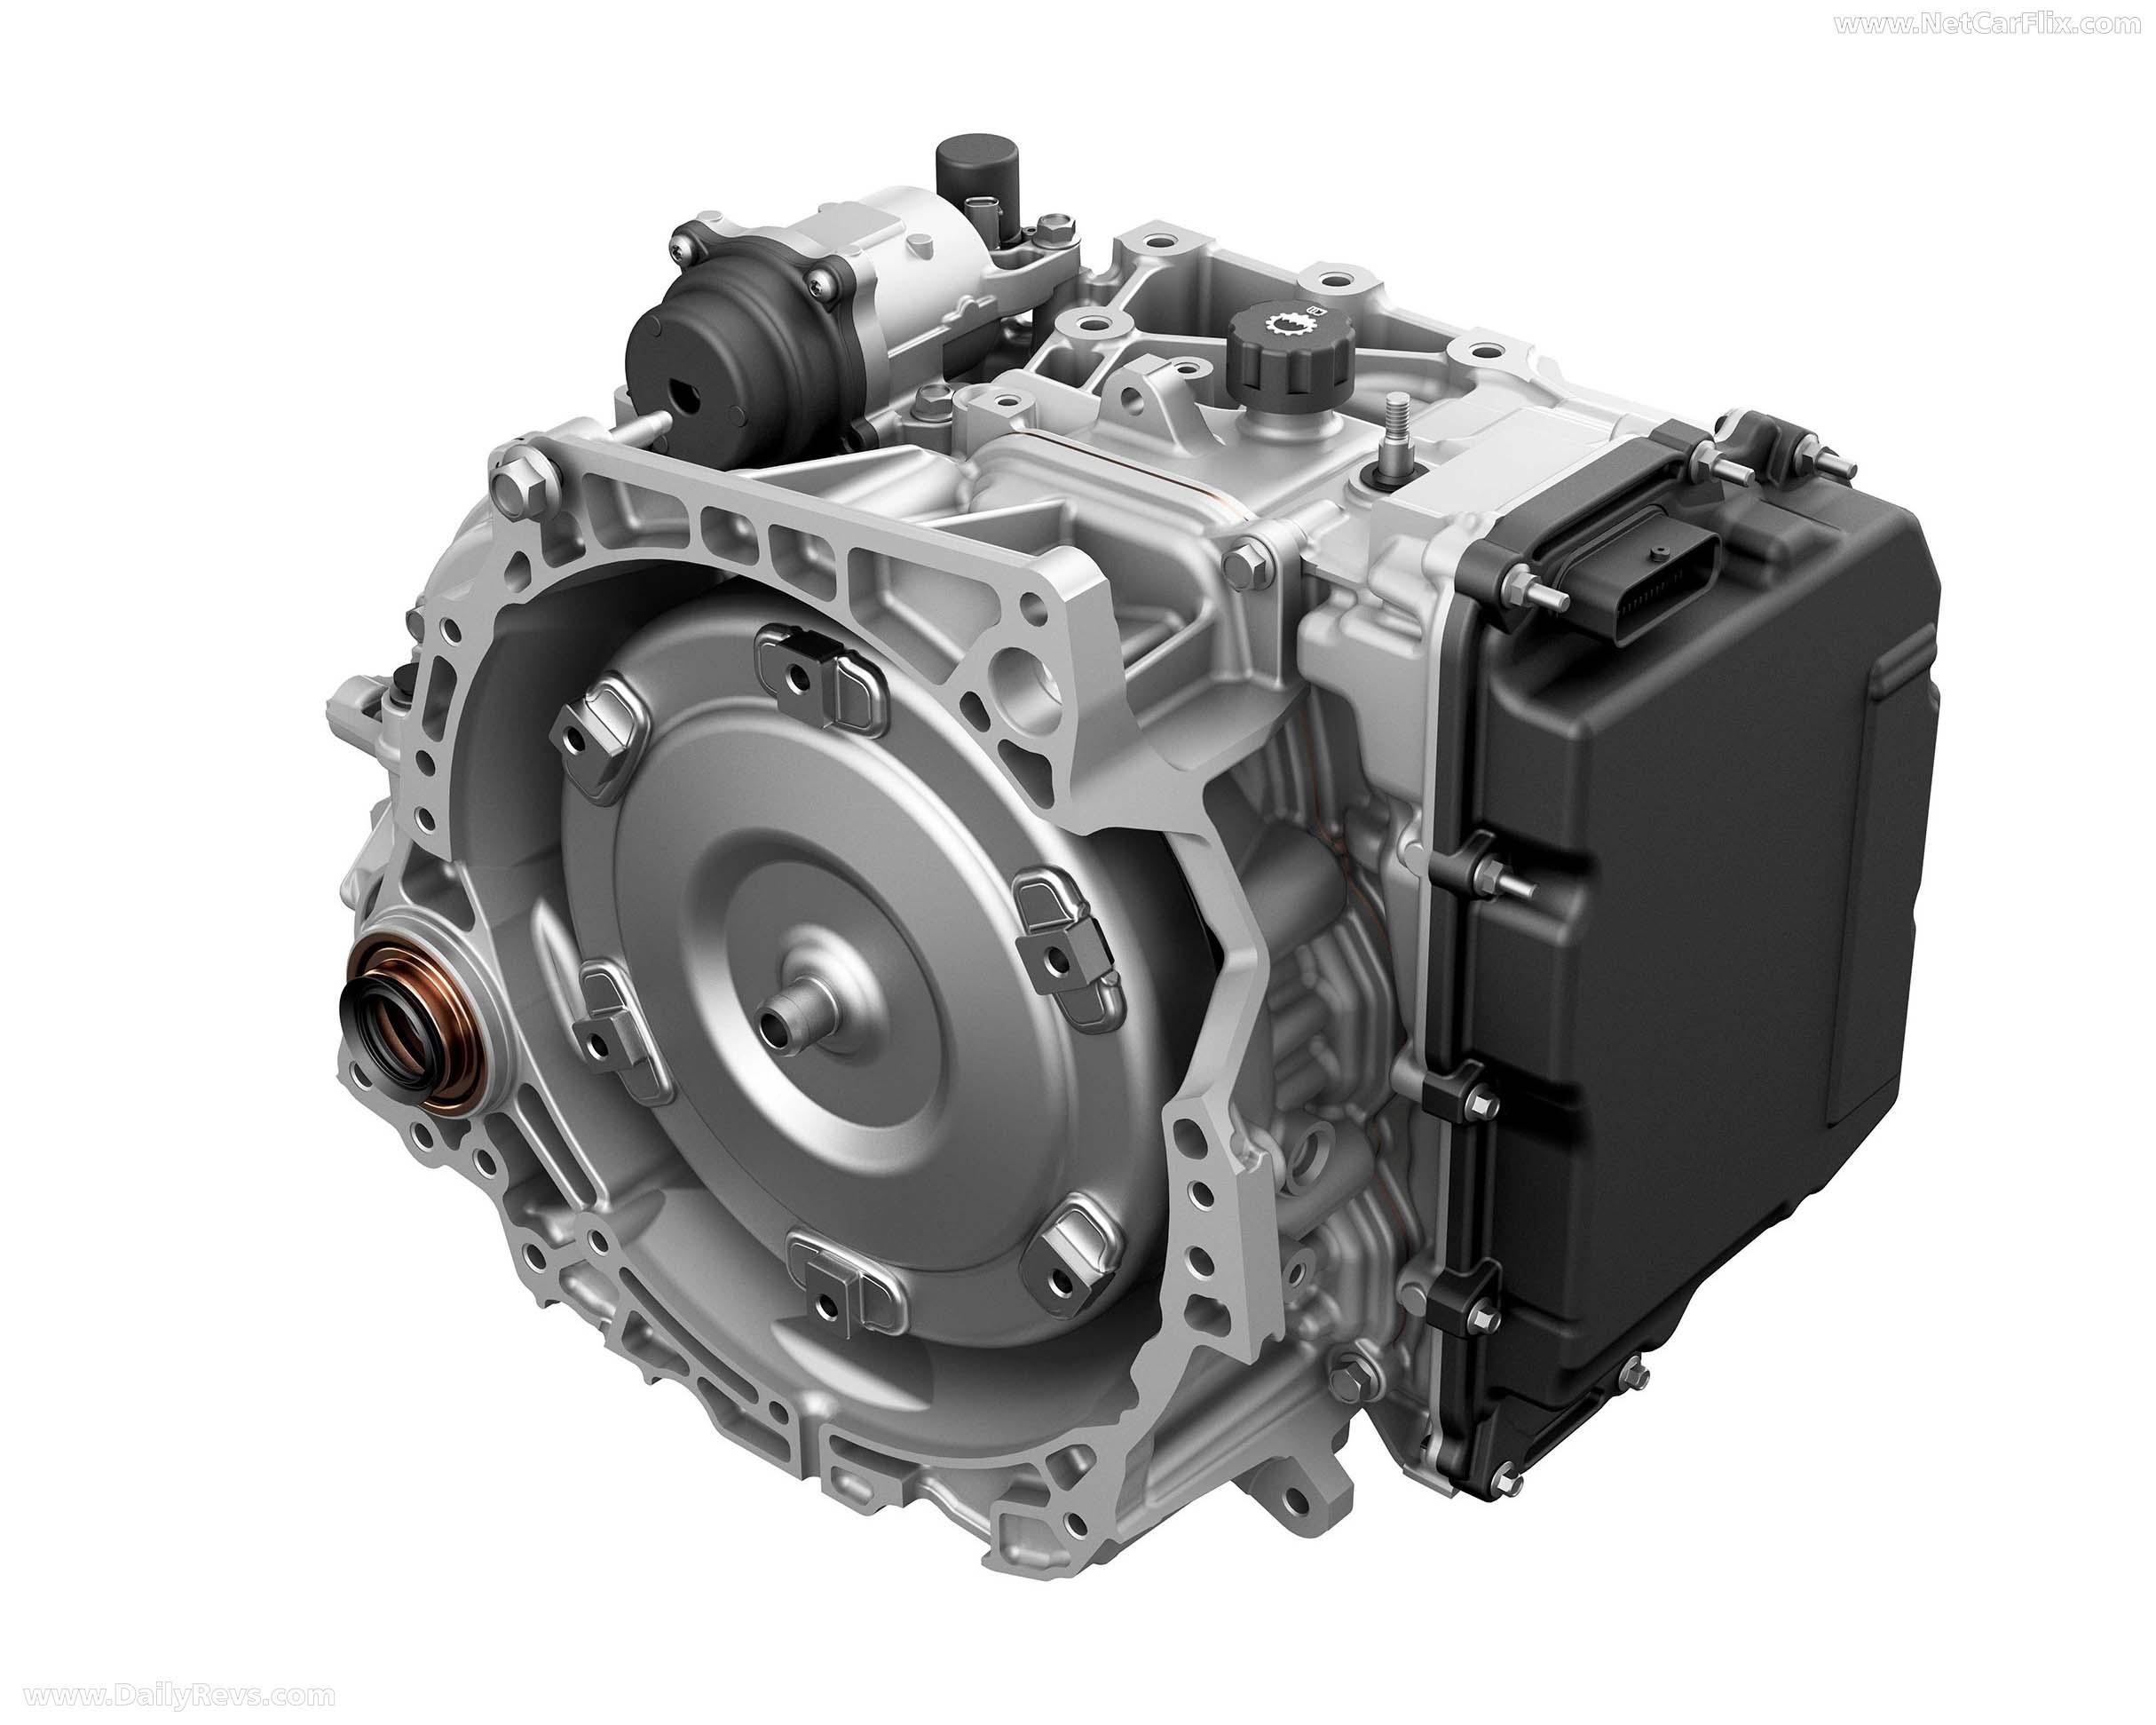 2020 Opel Astra full